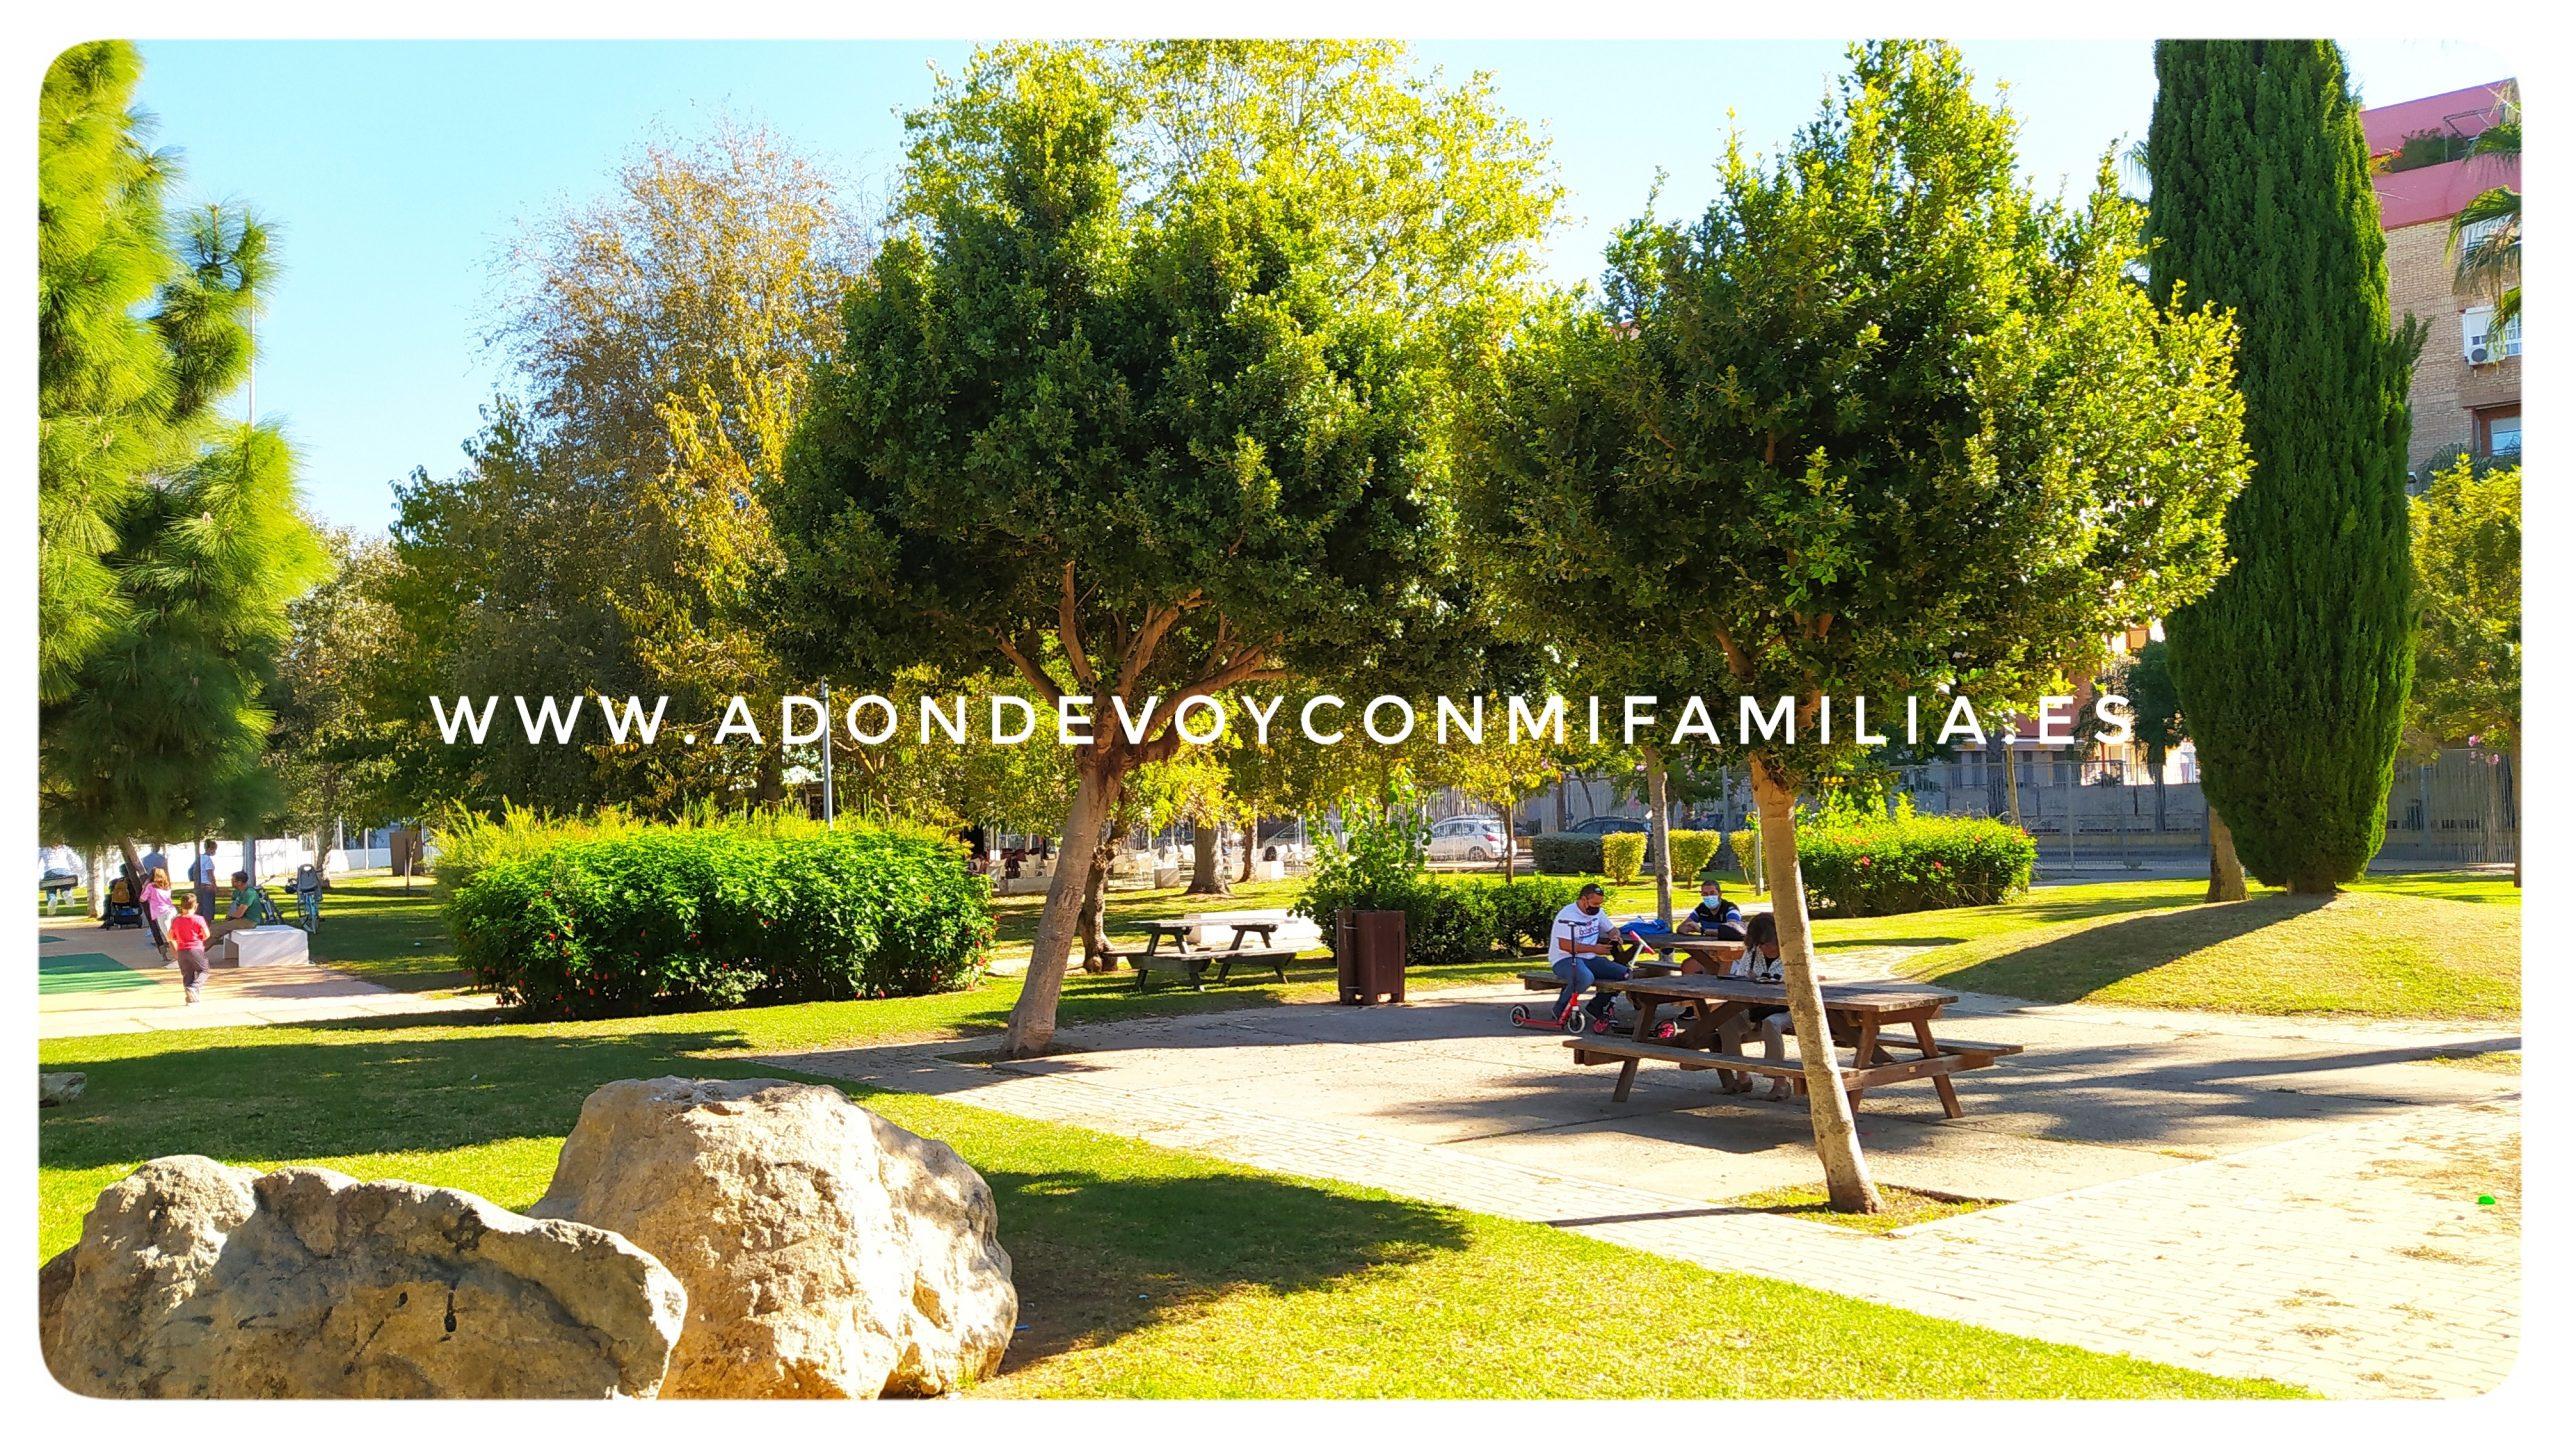 parque barrero adondevoyconmifamilia (5)